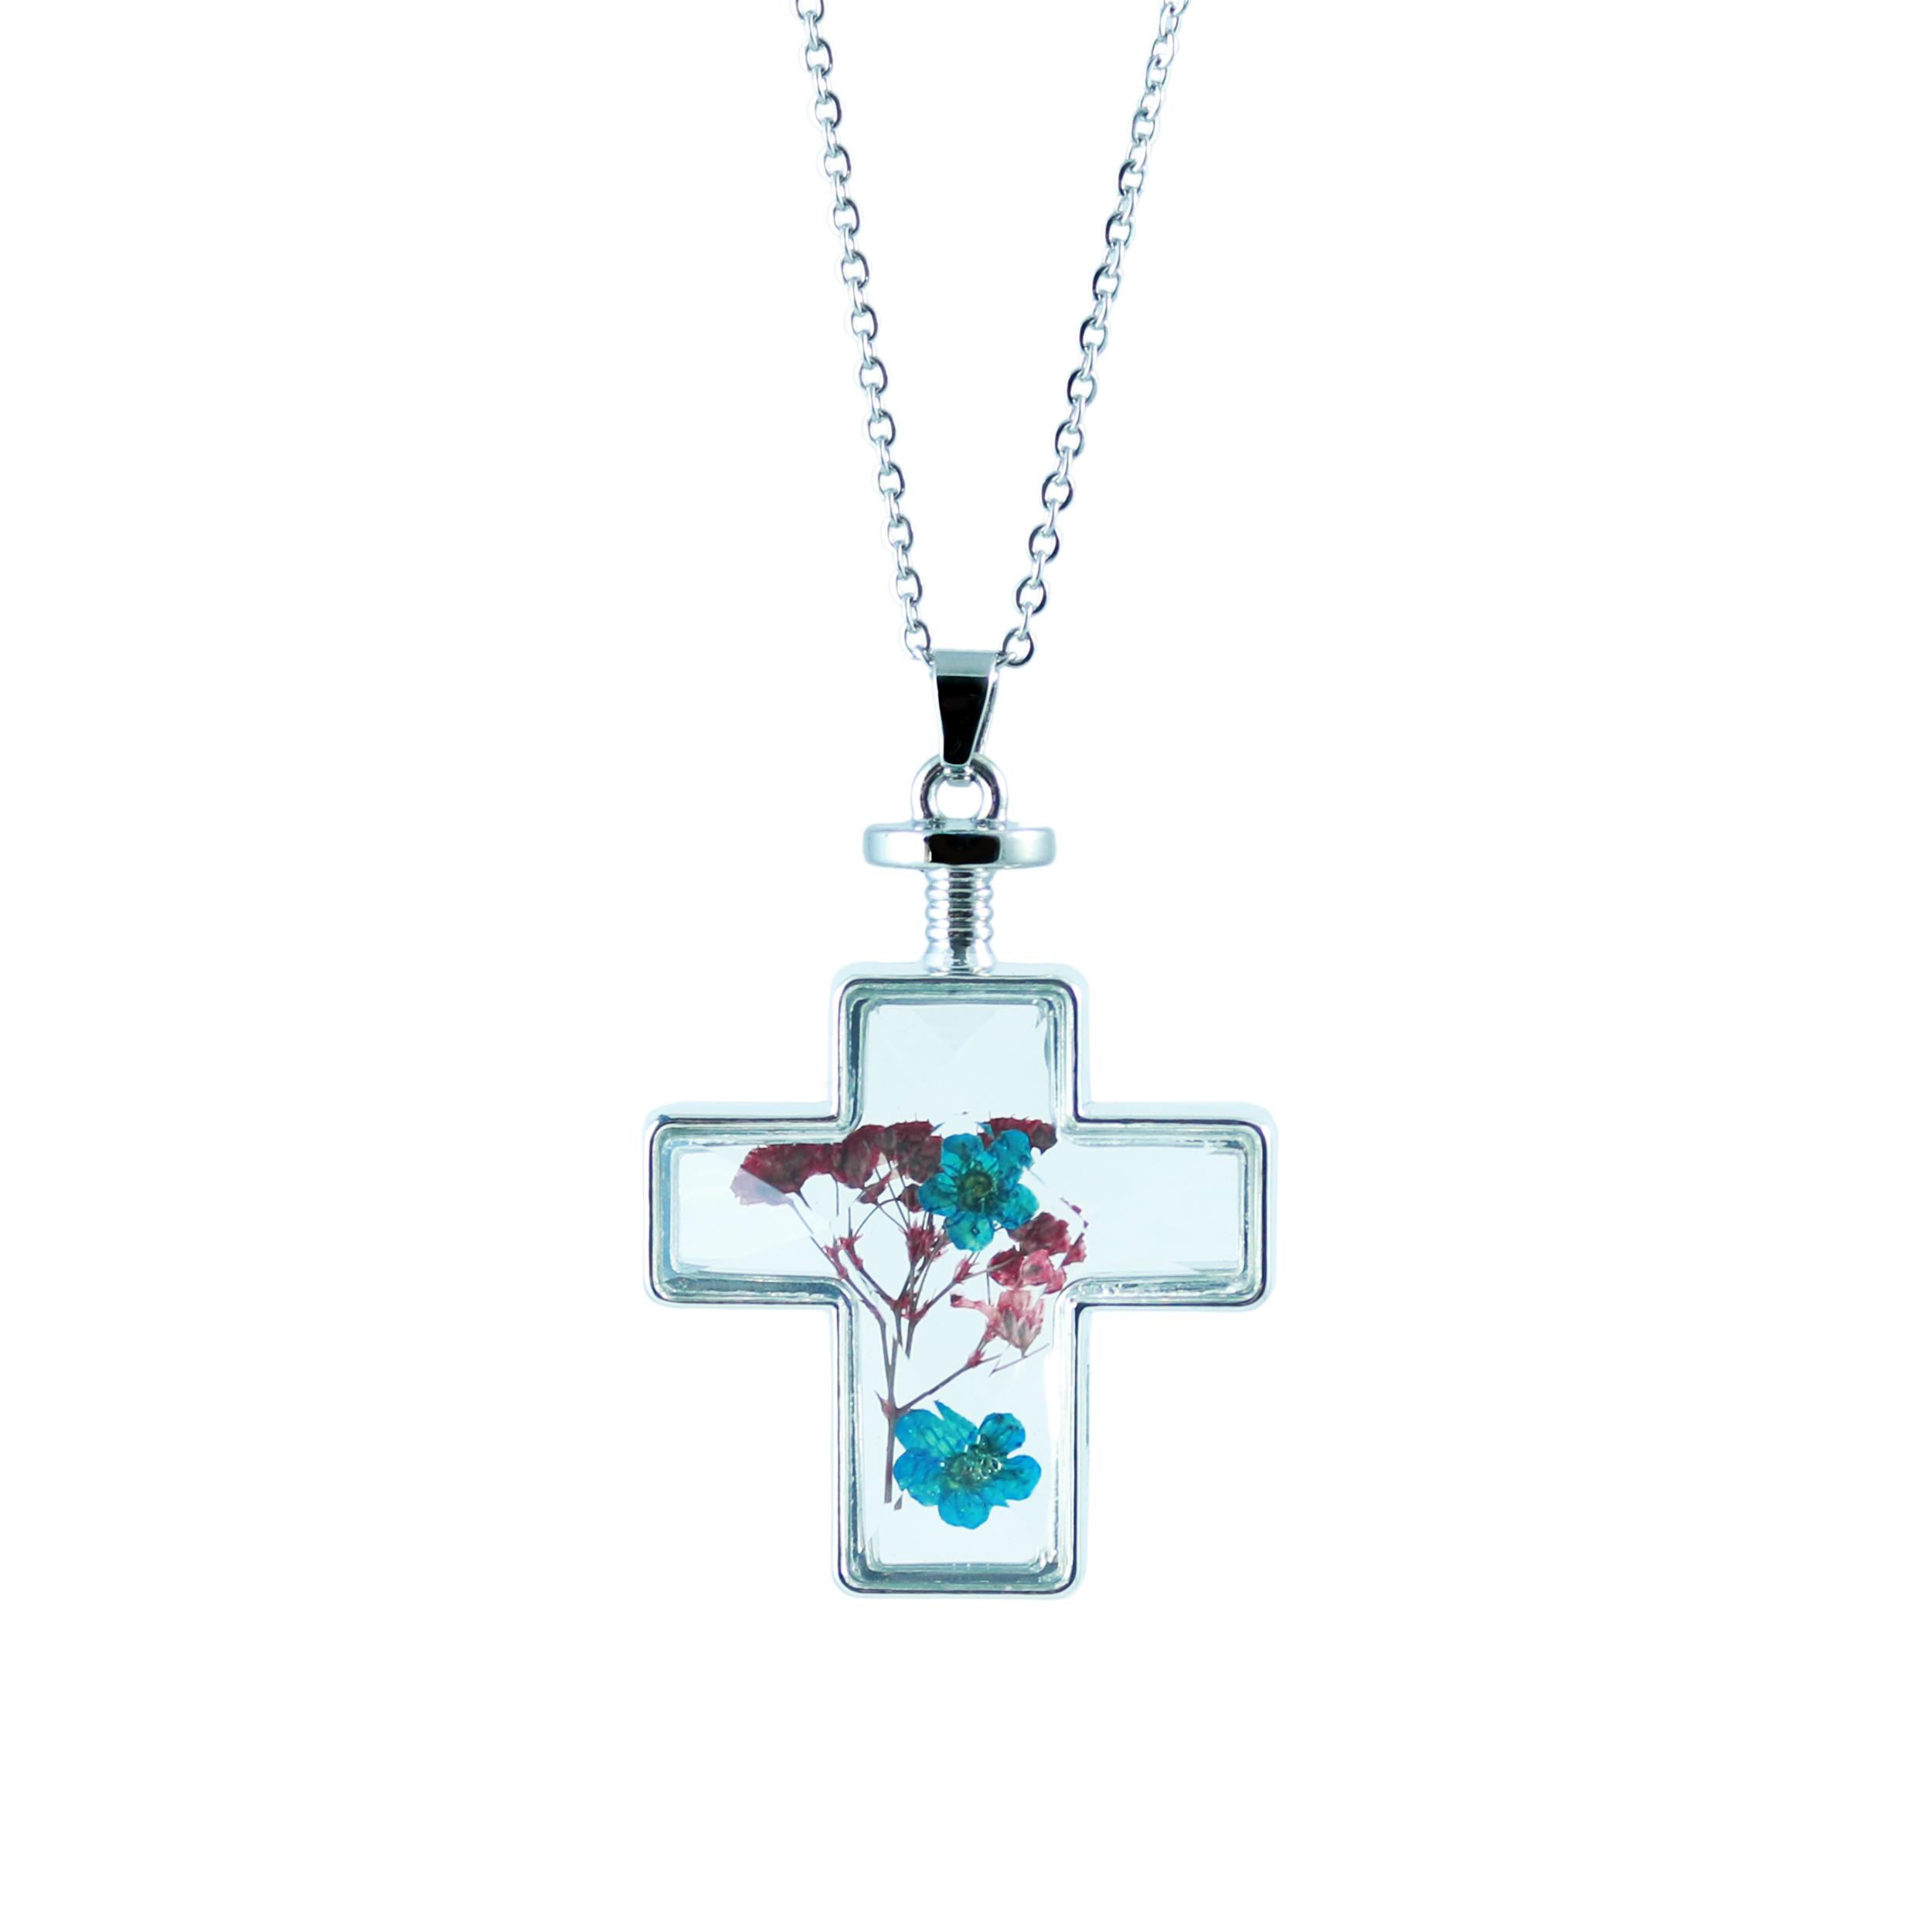 قیمت گردنبند طرح صلیب و گل خشک مدل 5417